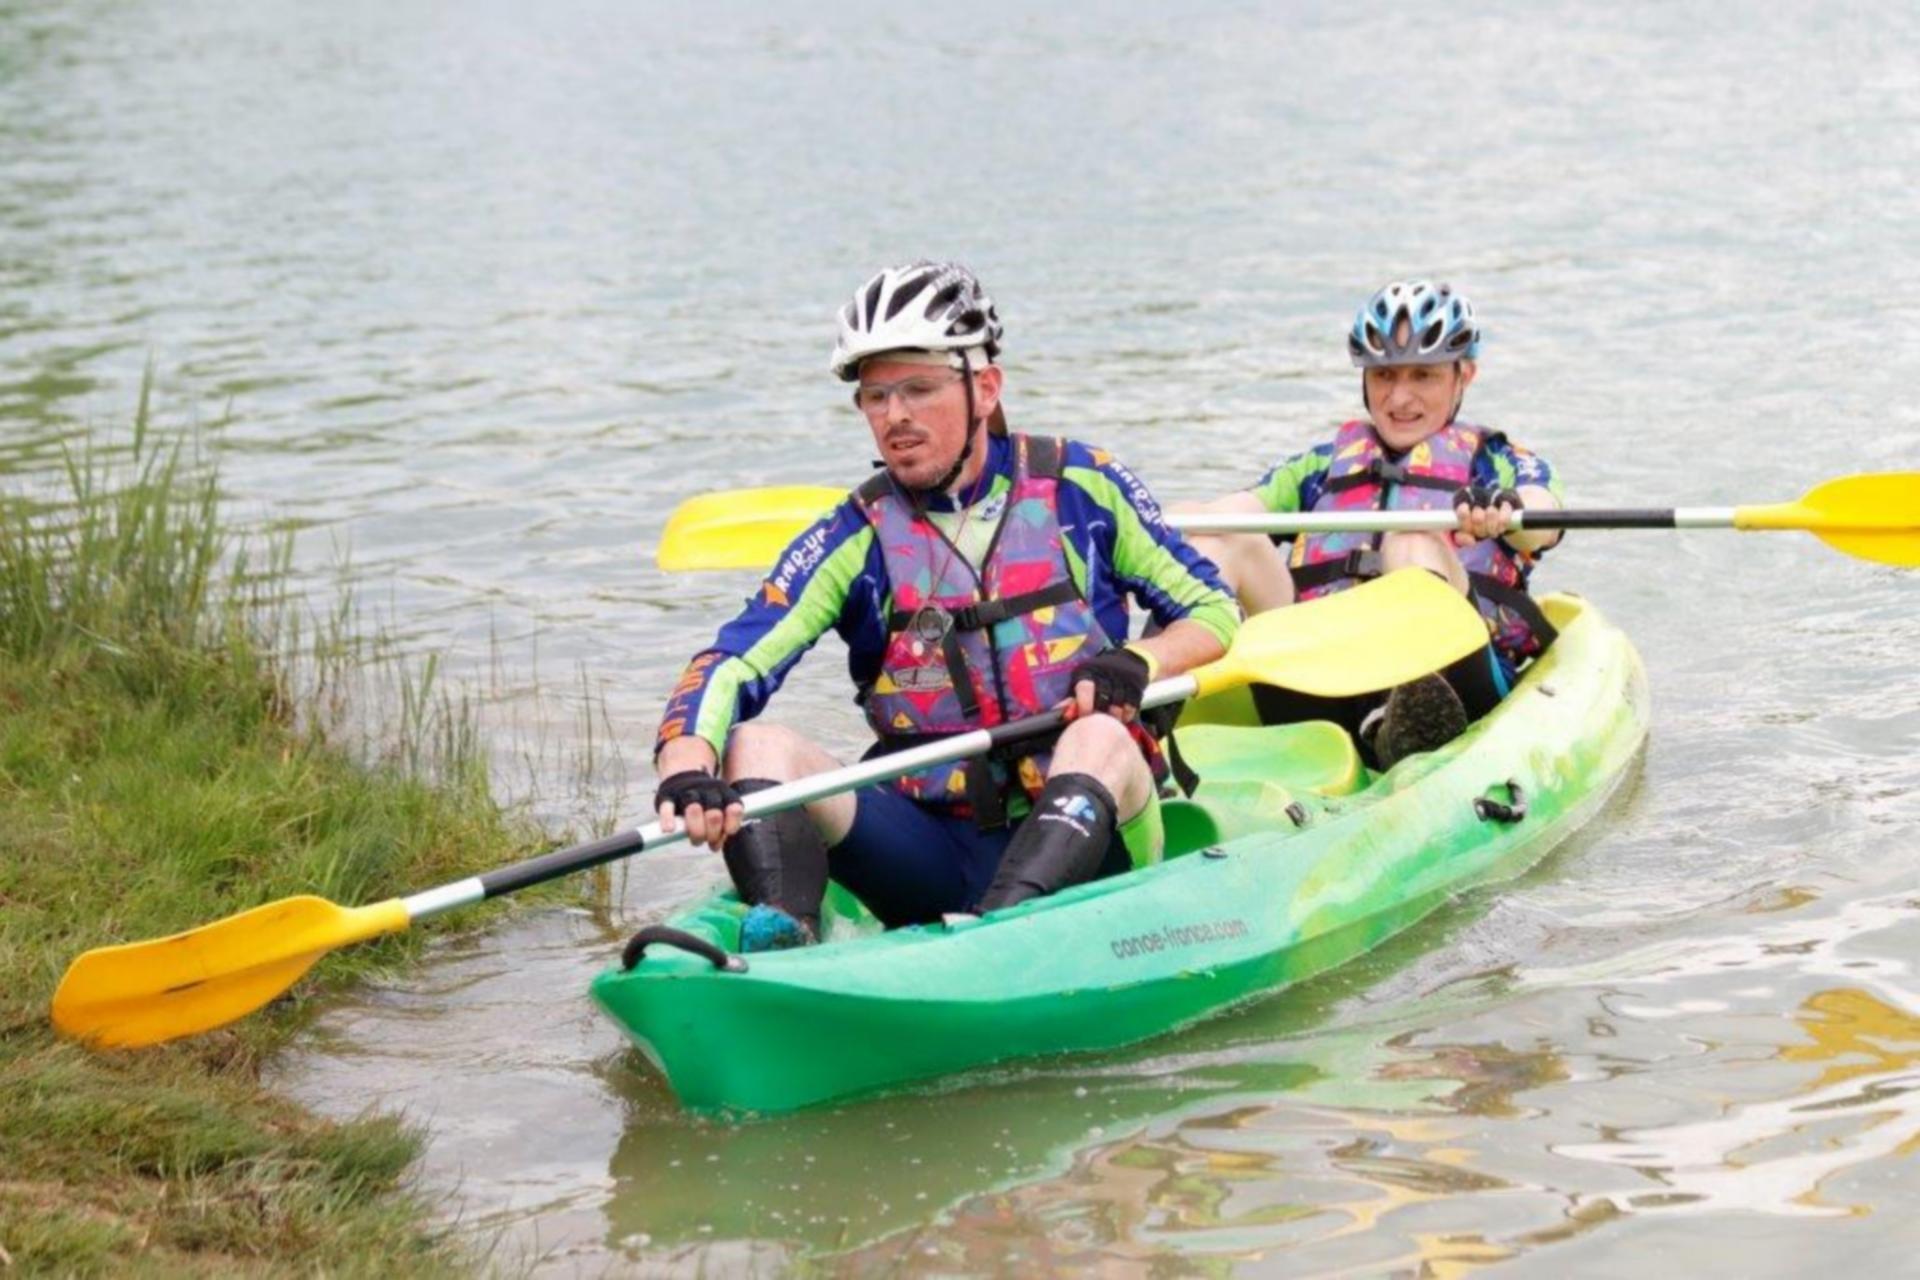 Jean-Marie et Thomas finissent le canoë